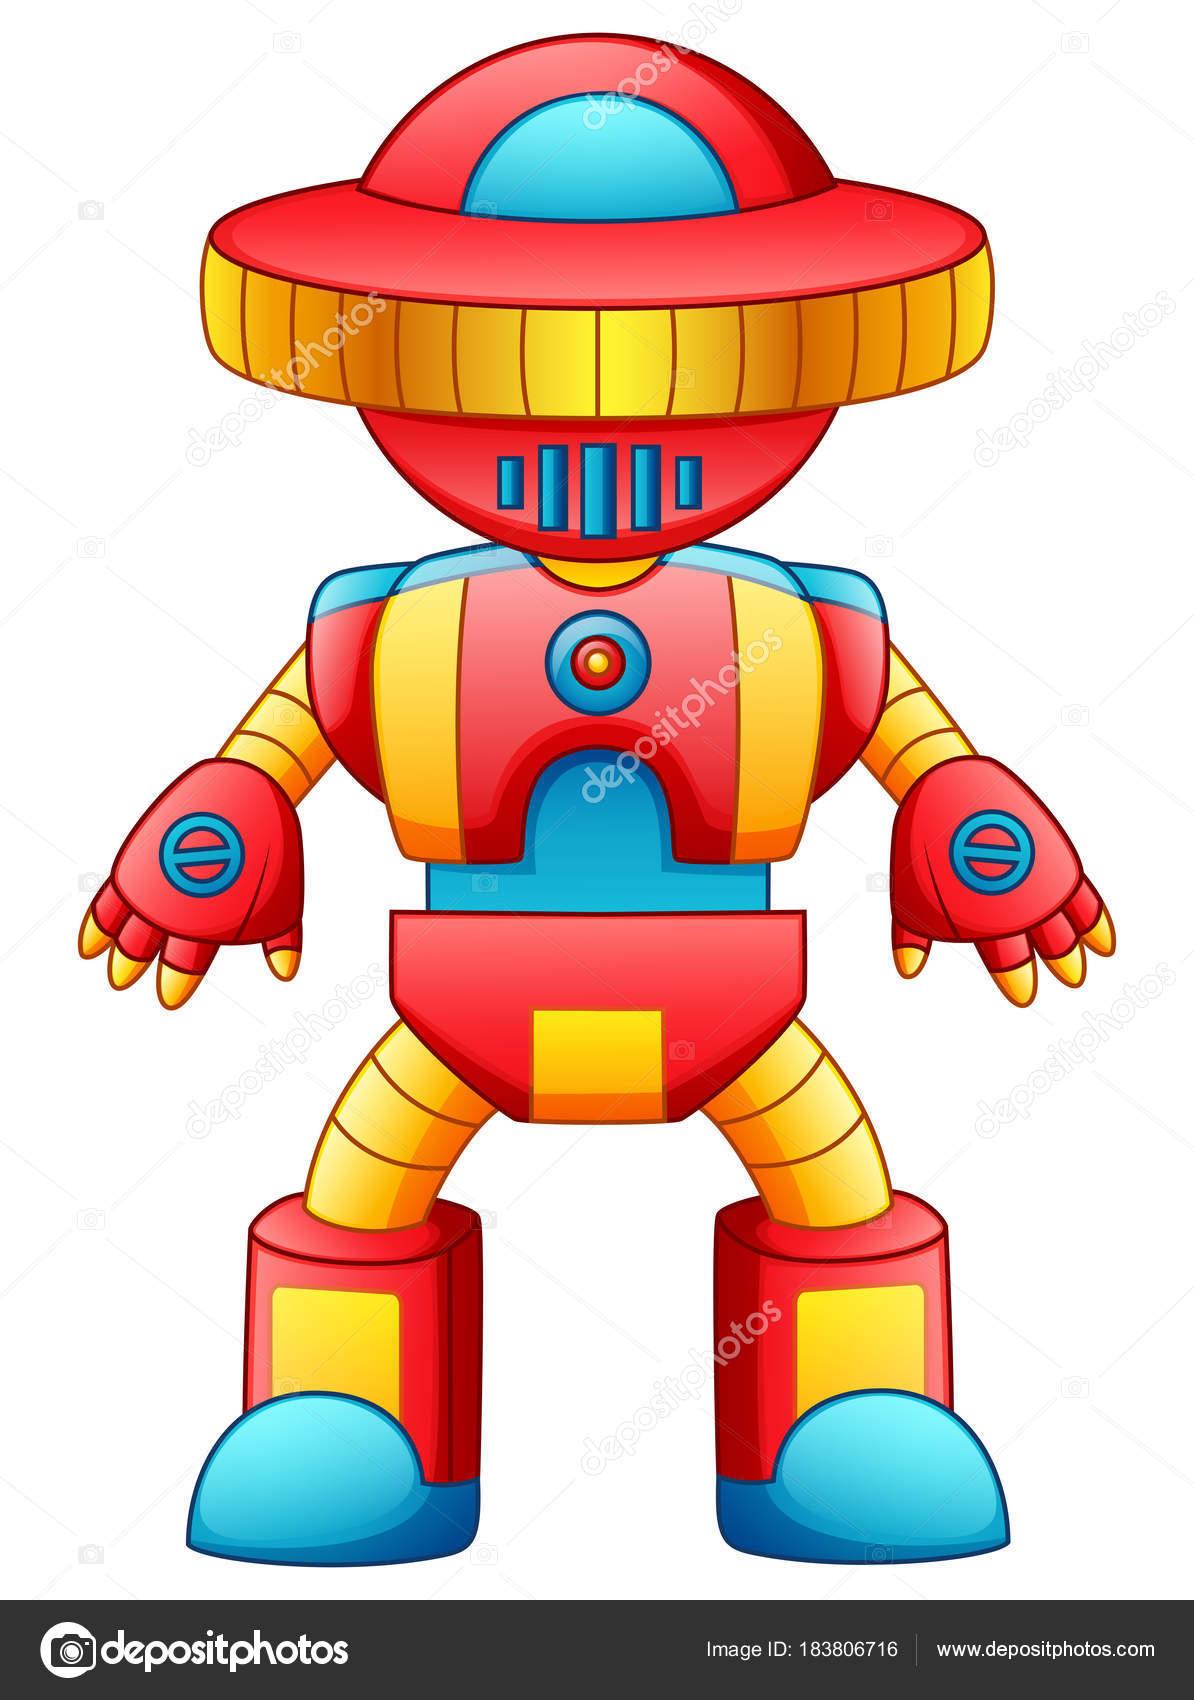 ilustraci n vectorial dibujos animados robot juguete colorido aislada sobre fondo archivo. Black Bedroom Furniture Sets. Home Design Ideas